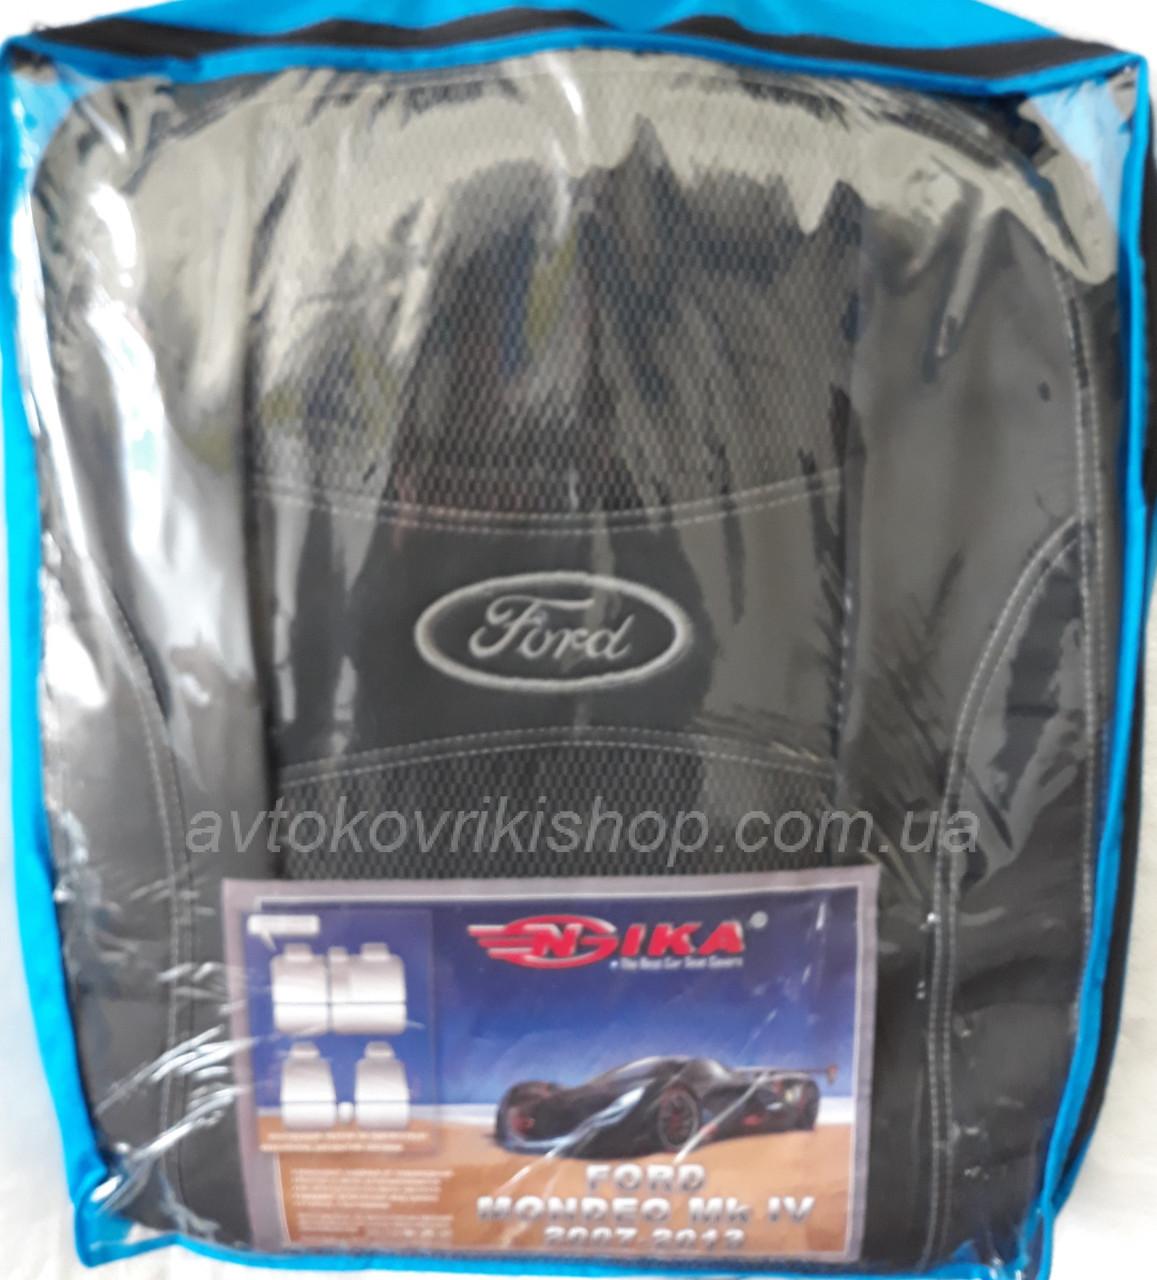 Автомобільні чохли на Ford Mondeo MK IV 2007-2013 Nika